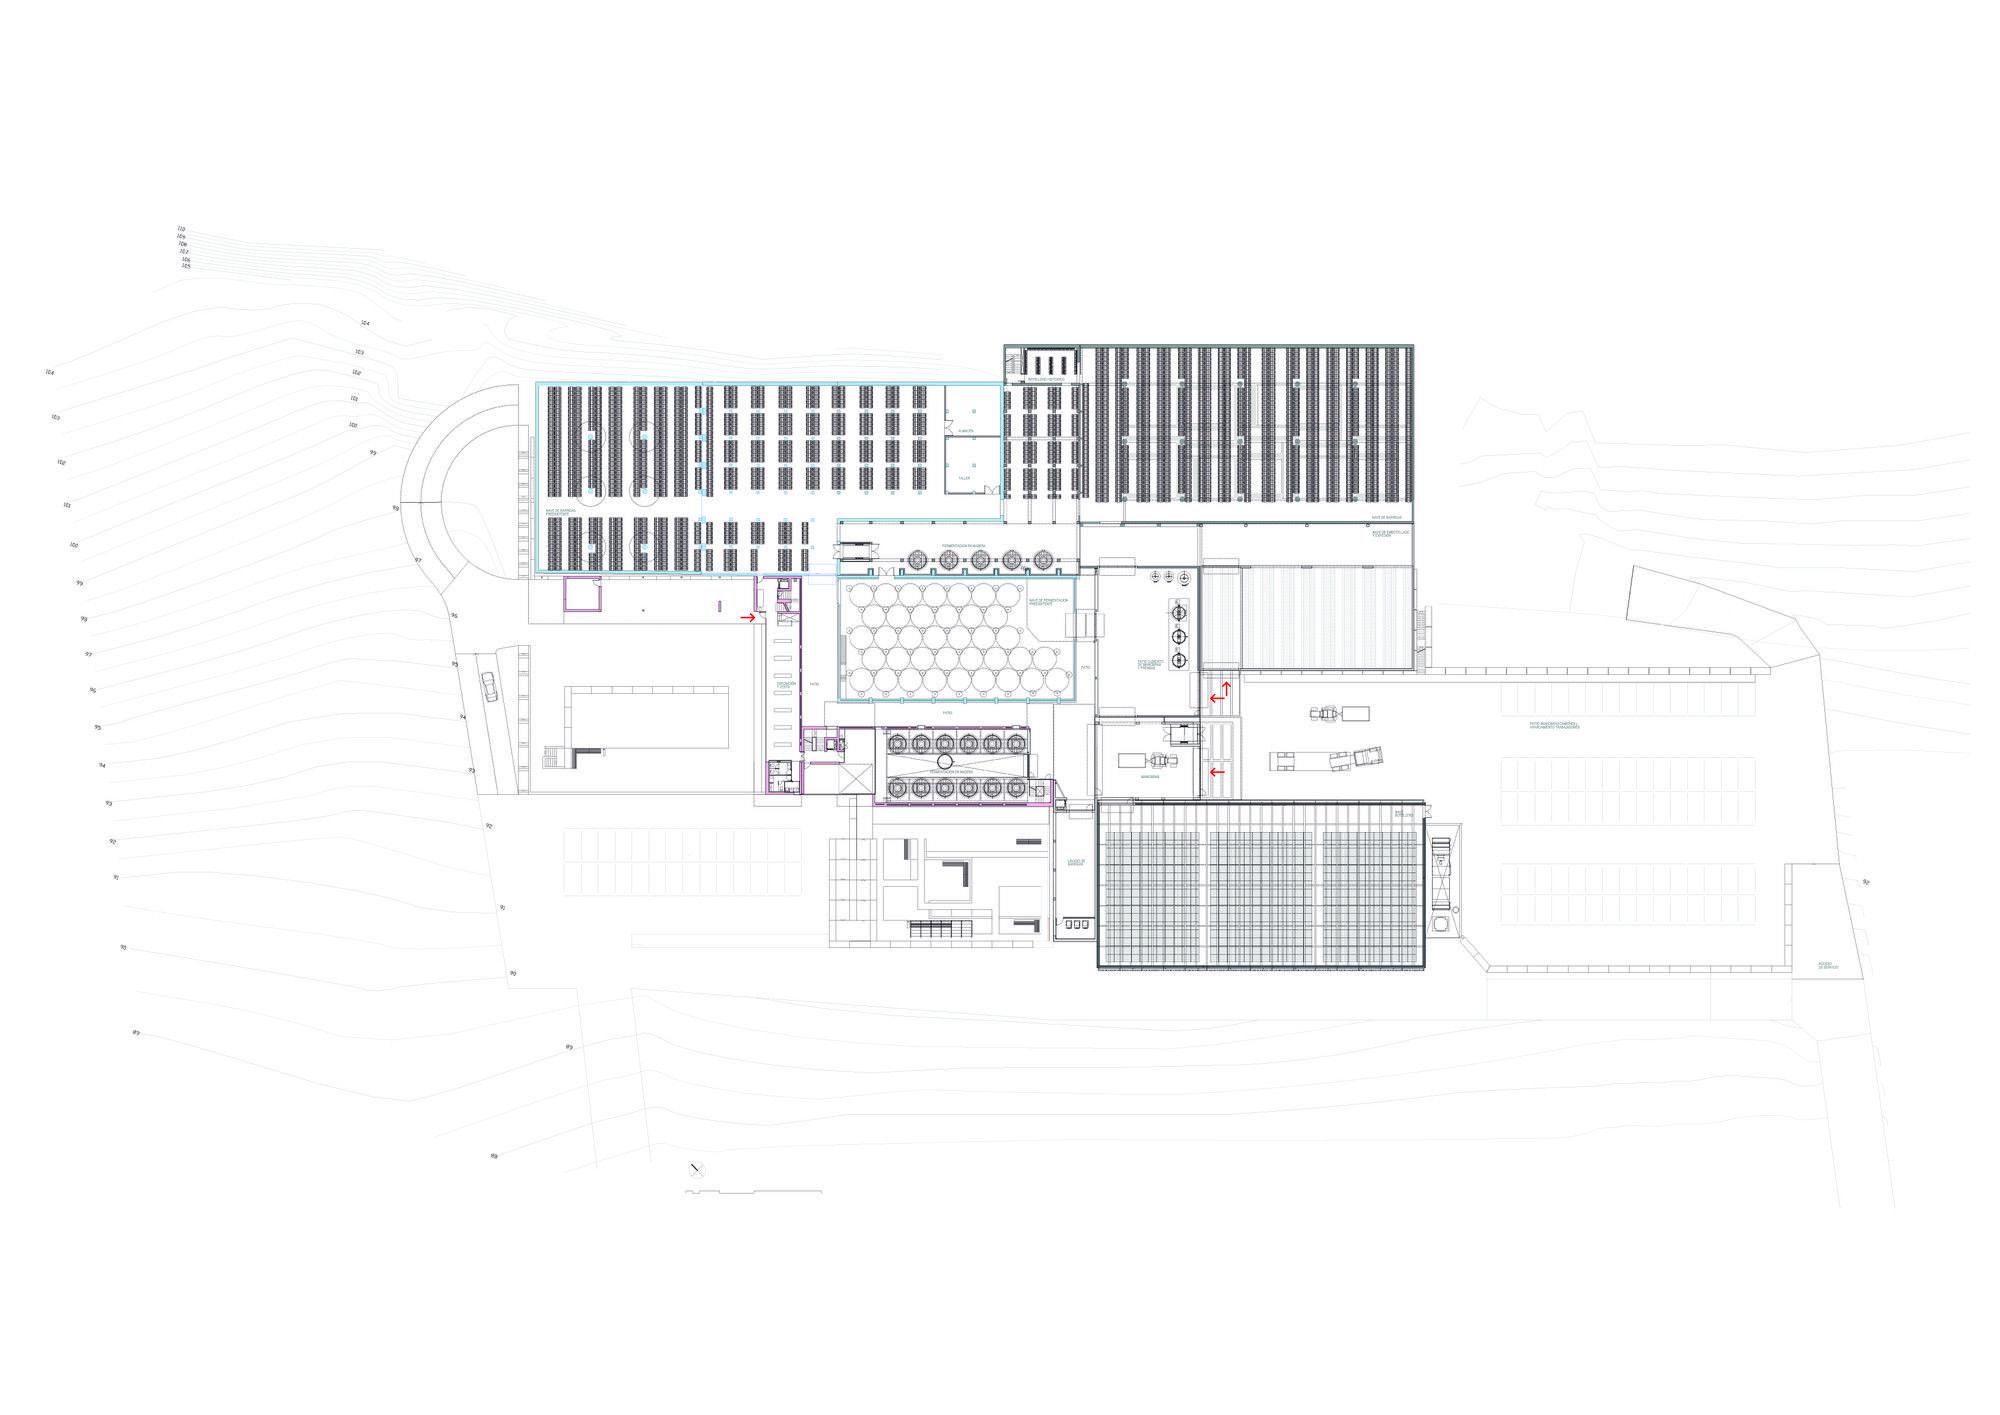 Galería - Bodega Pago de Carraovejas / Amas4arquitectura - 23